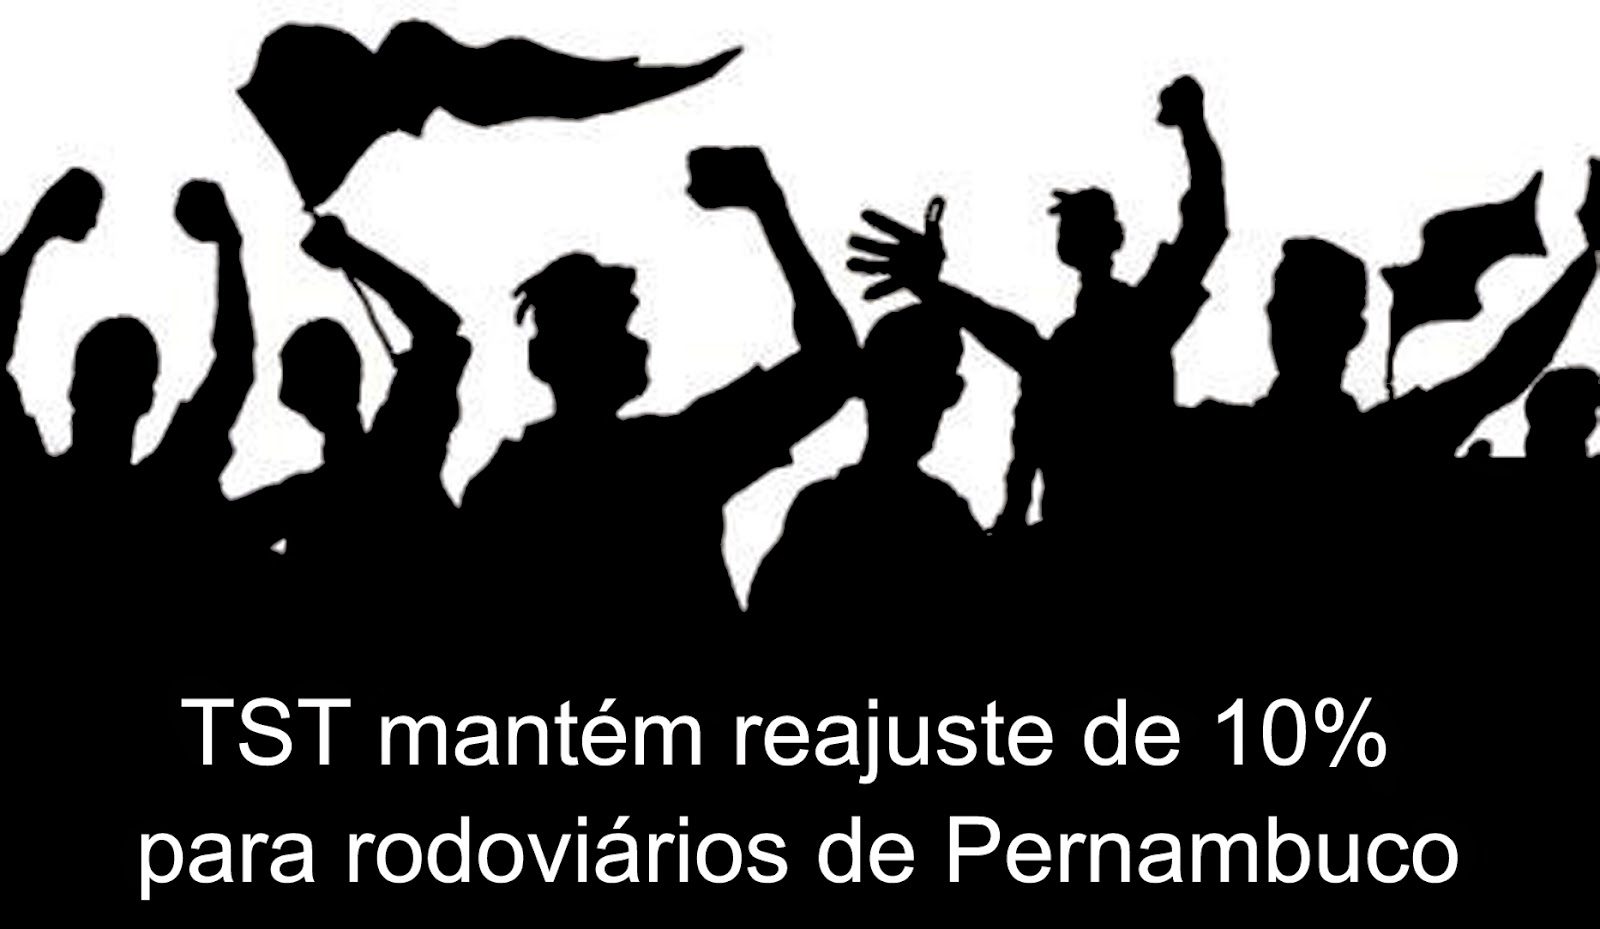 TST mantém reajuste de 10% para rodoviários de Pernambuco.